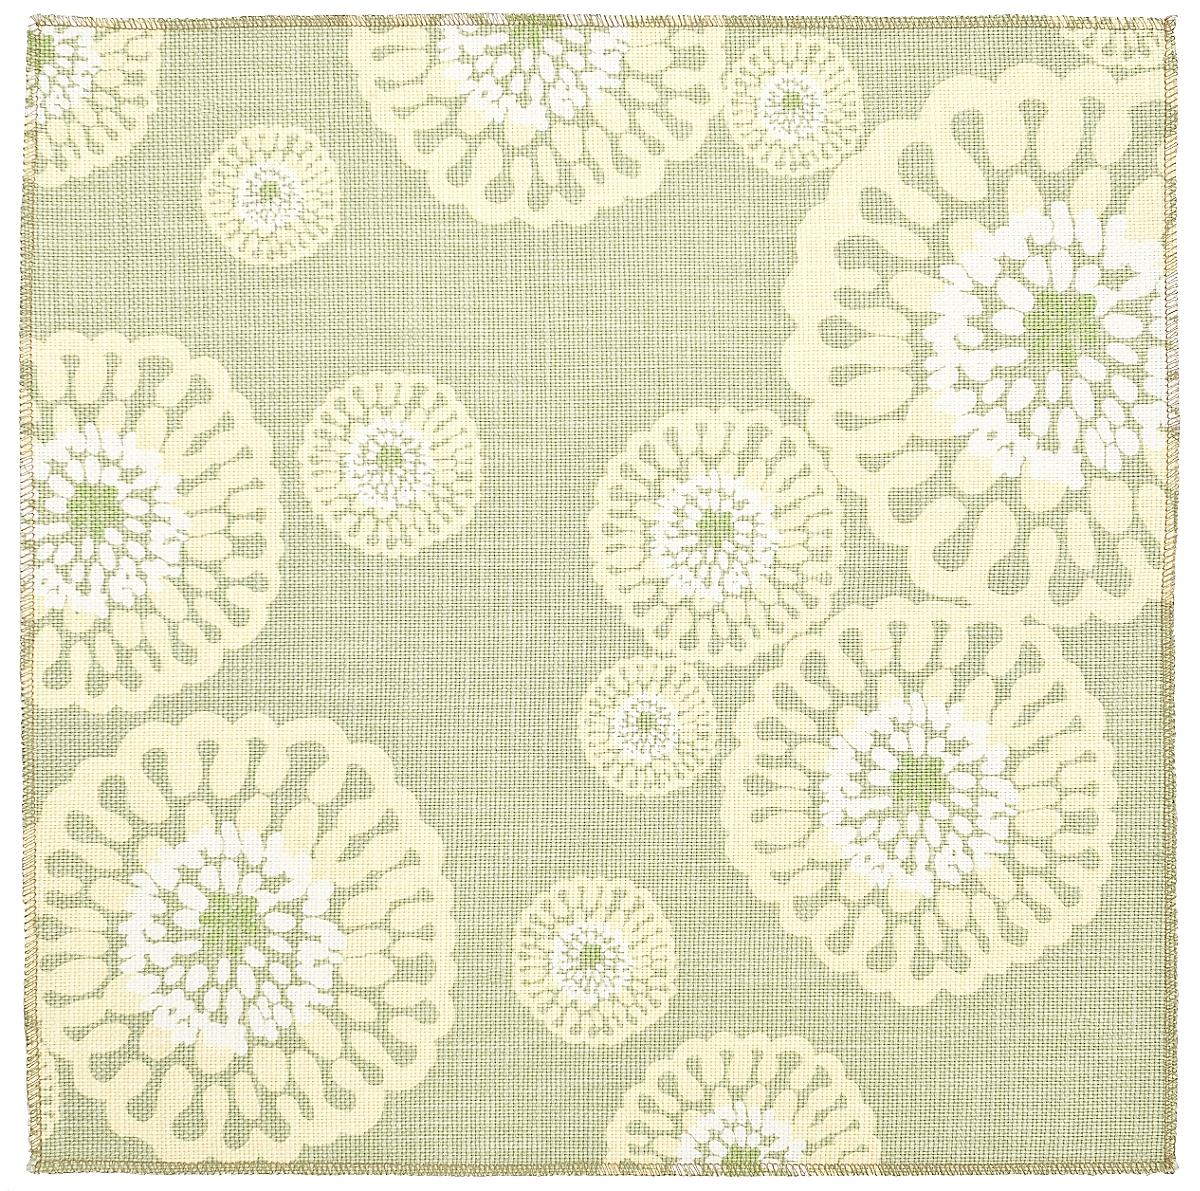 Grand Mum: Sprout (fabric yardage)